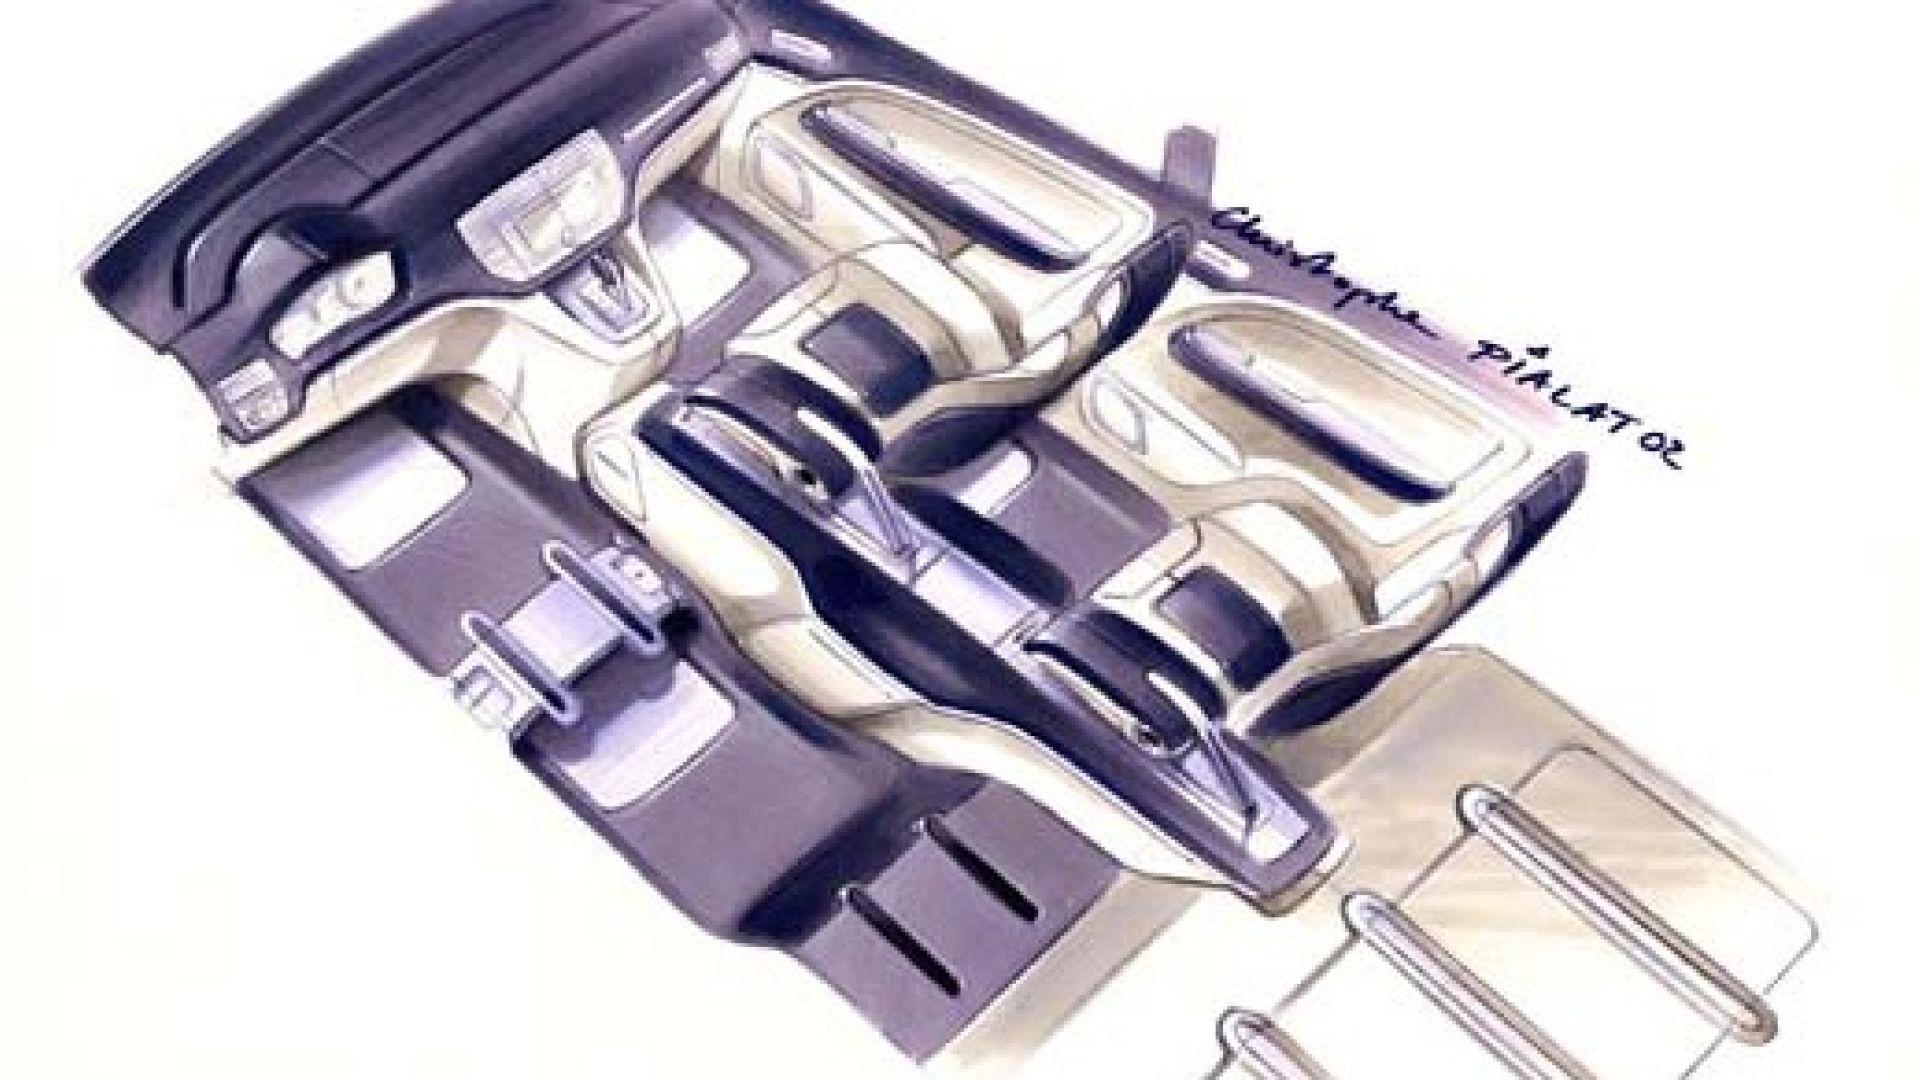 Ford focus c max motorbox